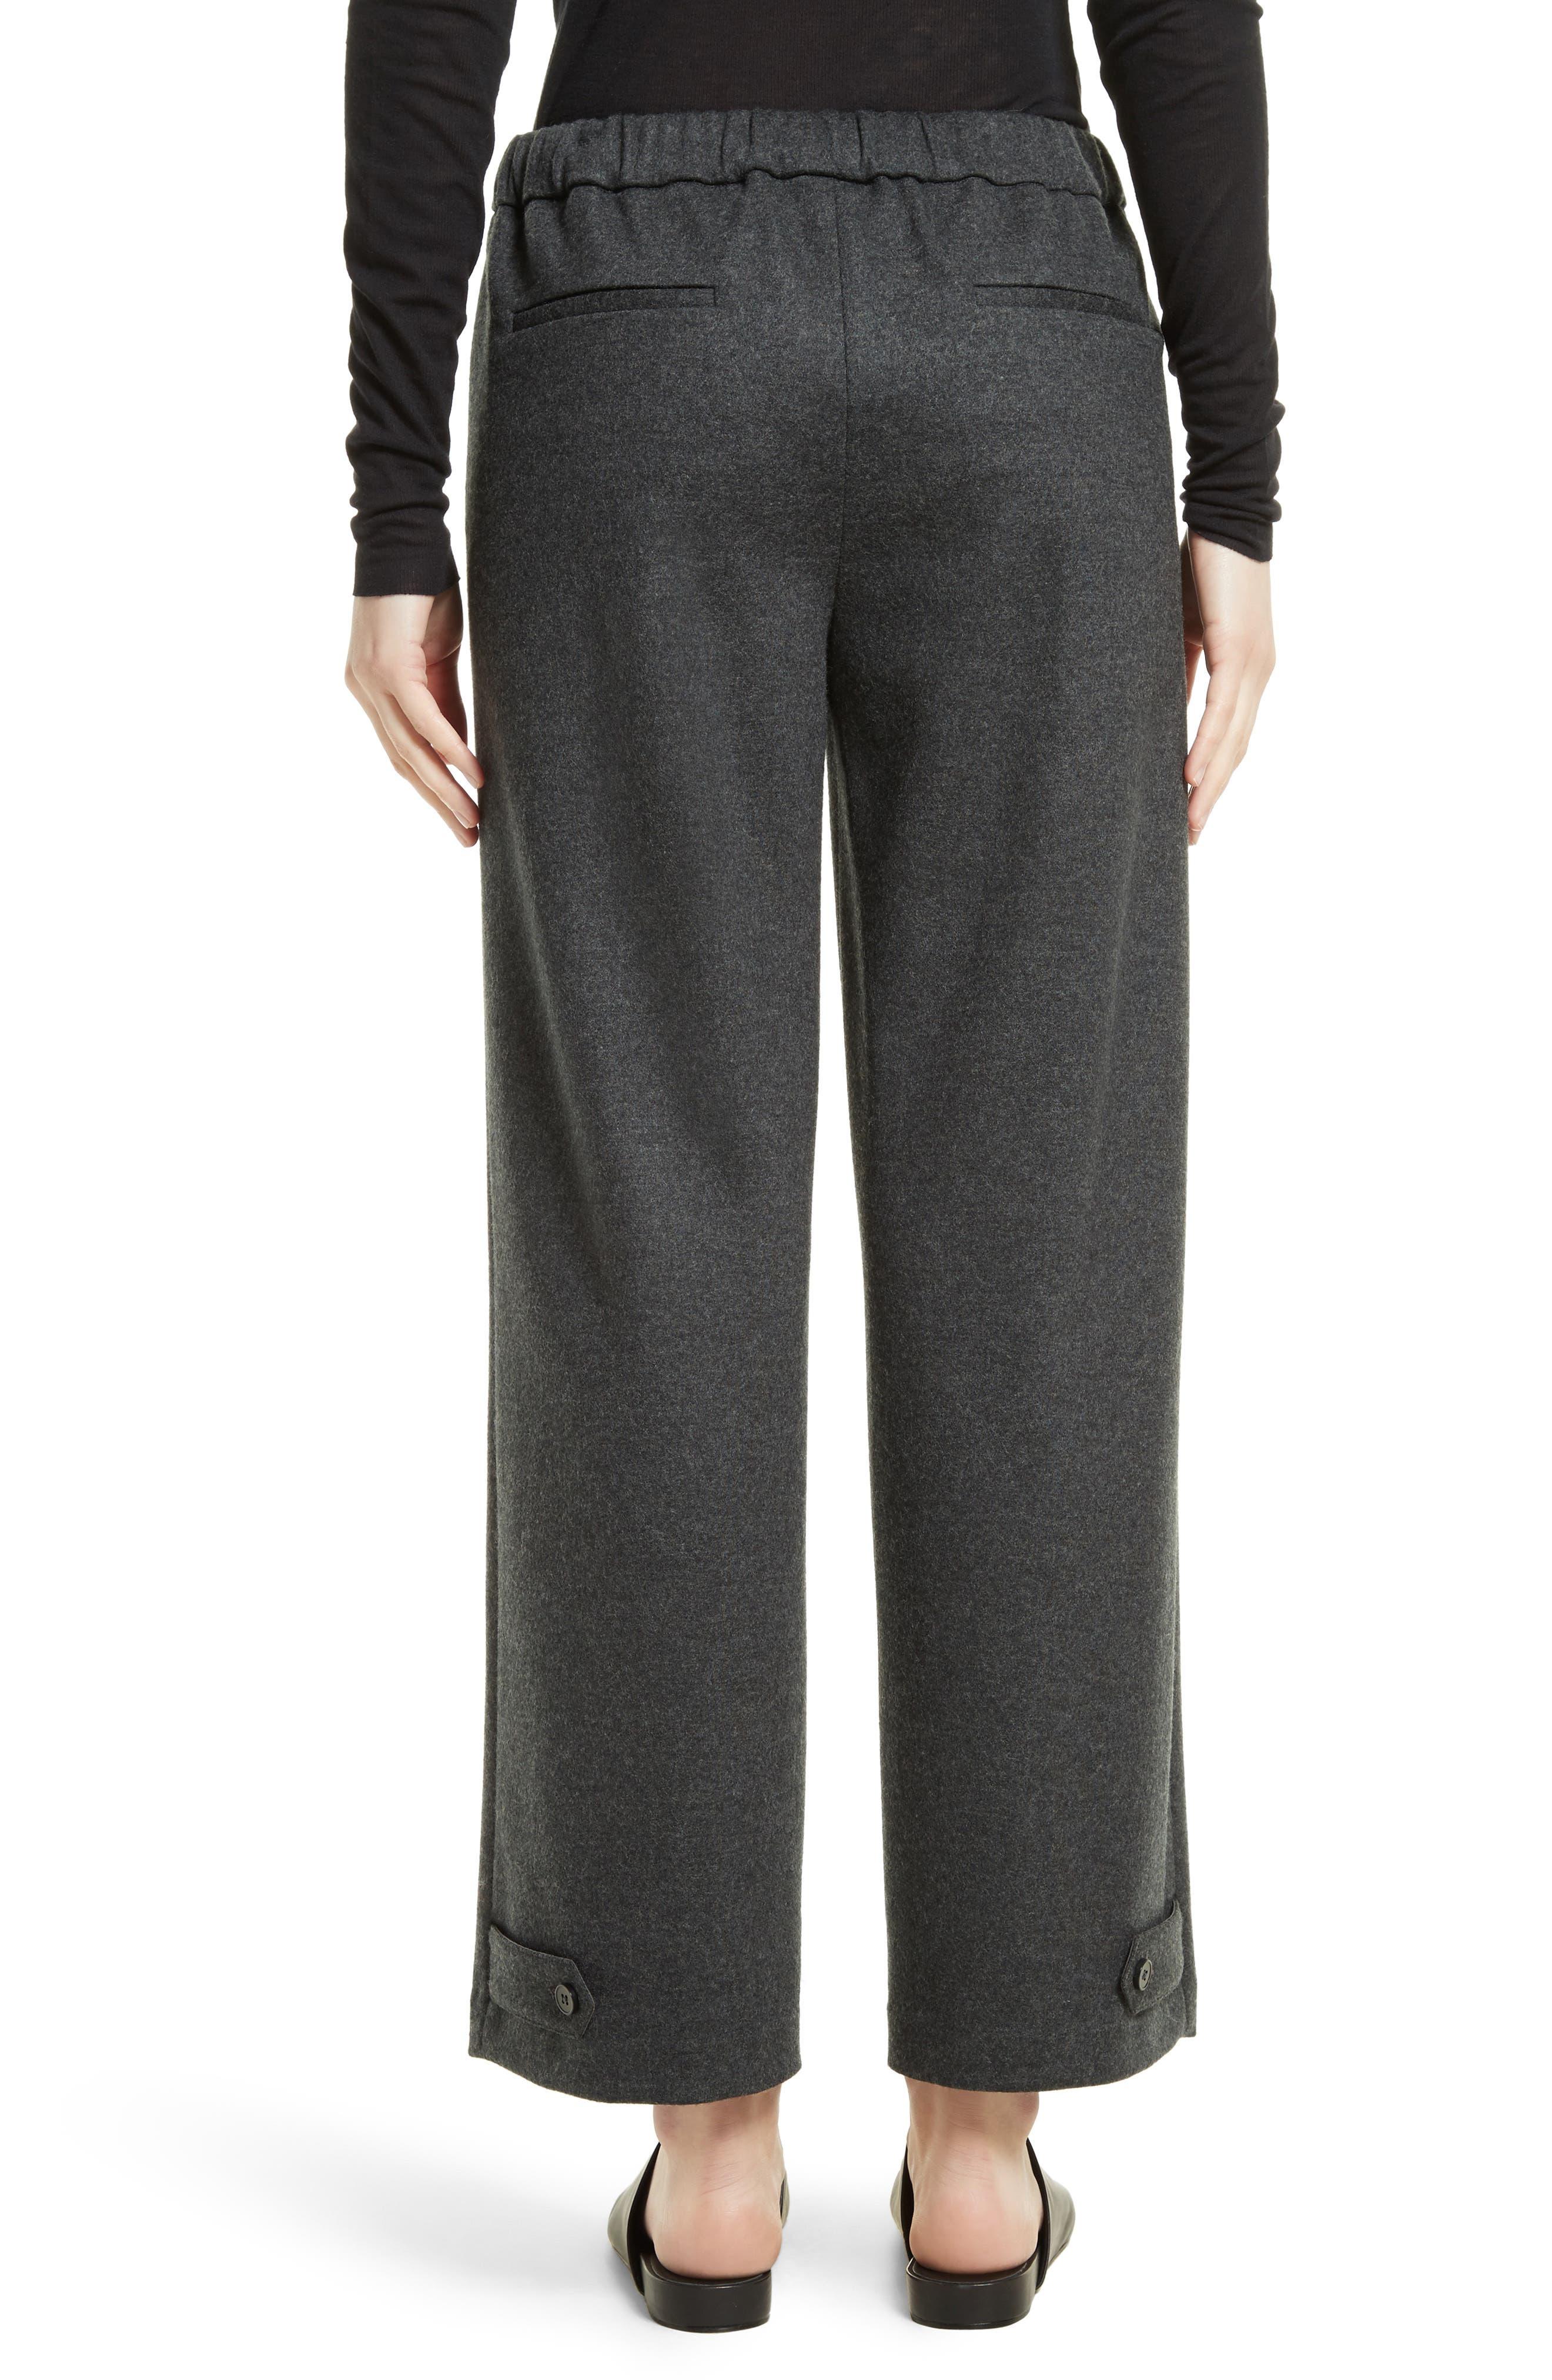 Genie Flannel Knit Pants,                             Alternate thumbnail 2, color,                             029